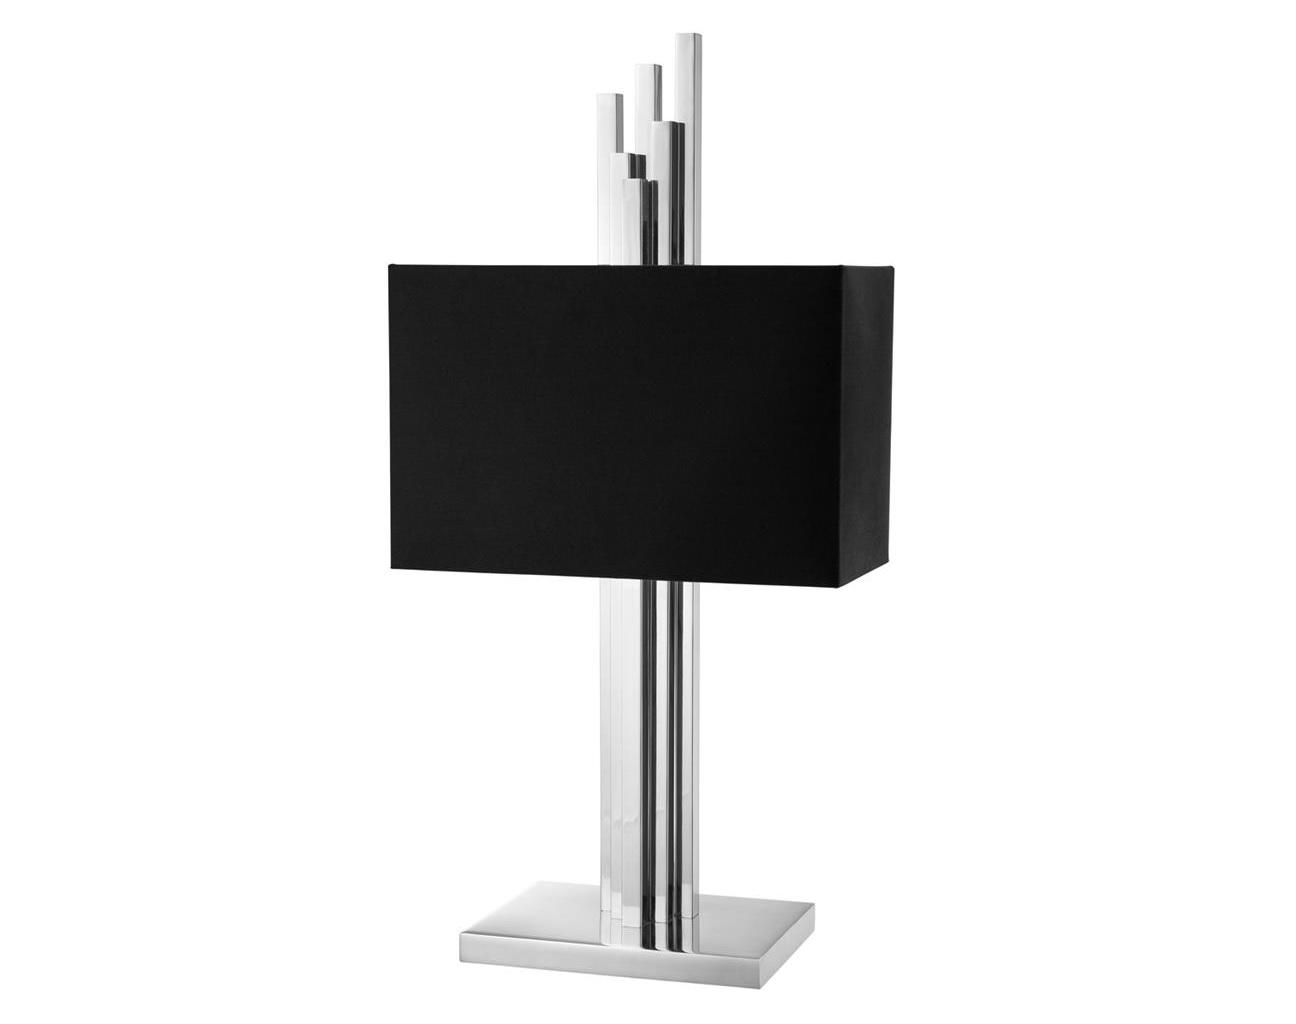 Настольная лампа Table Lamp CarusoДекоративные лампы<br>&amp;lt;div&amp;gt;Вид цоколя: E27&amp;lt;br&amp;gt;&amp;lt;/div&amp;gt;&amp;lt;div&amp;gt;&amp;lt;div&amp;gt;Мощность: 40W&amp;lt;/div&amp;gt;&amp;lt;div&amp;gt;Количество ламп: 2 (нет в комплекте)&amp;lt;/div&amp;gt;&amp;lt;/div&amp;gt;<br><br>Material: Металл<br>Ширина см: 40.0<br>Высота см: 80.0<br>Глубина см: 27.0